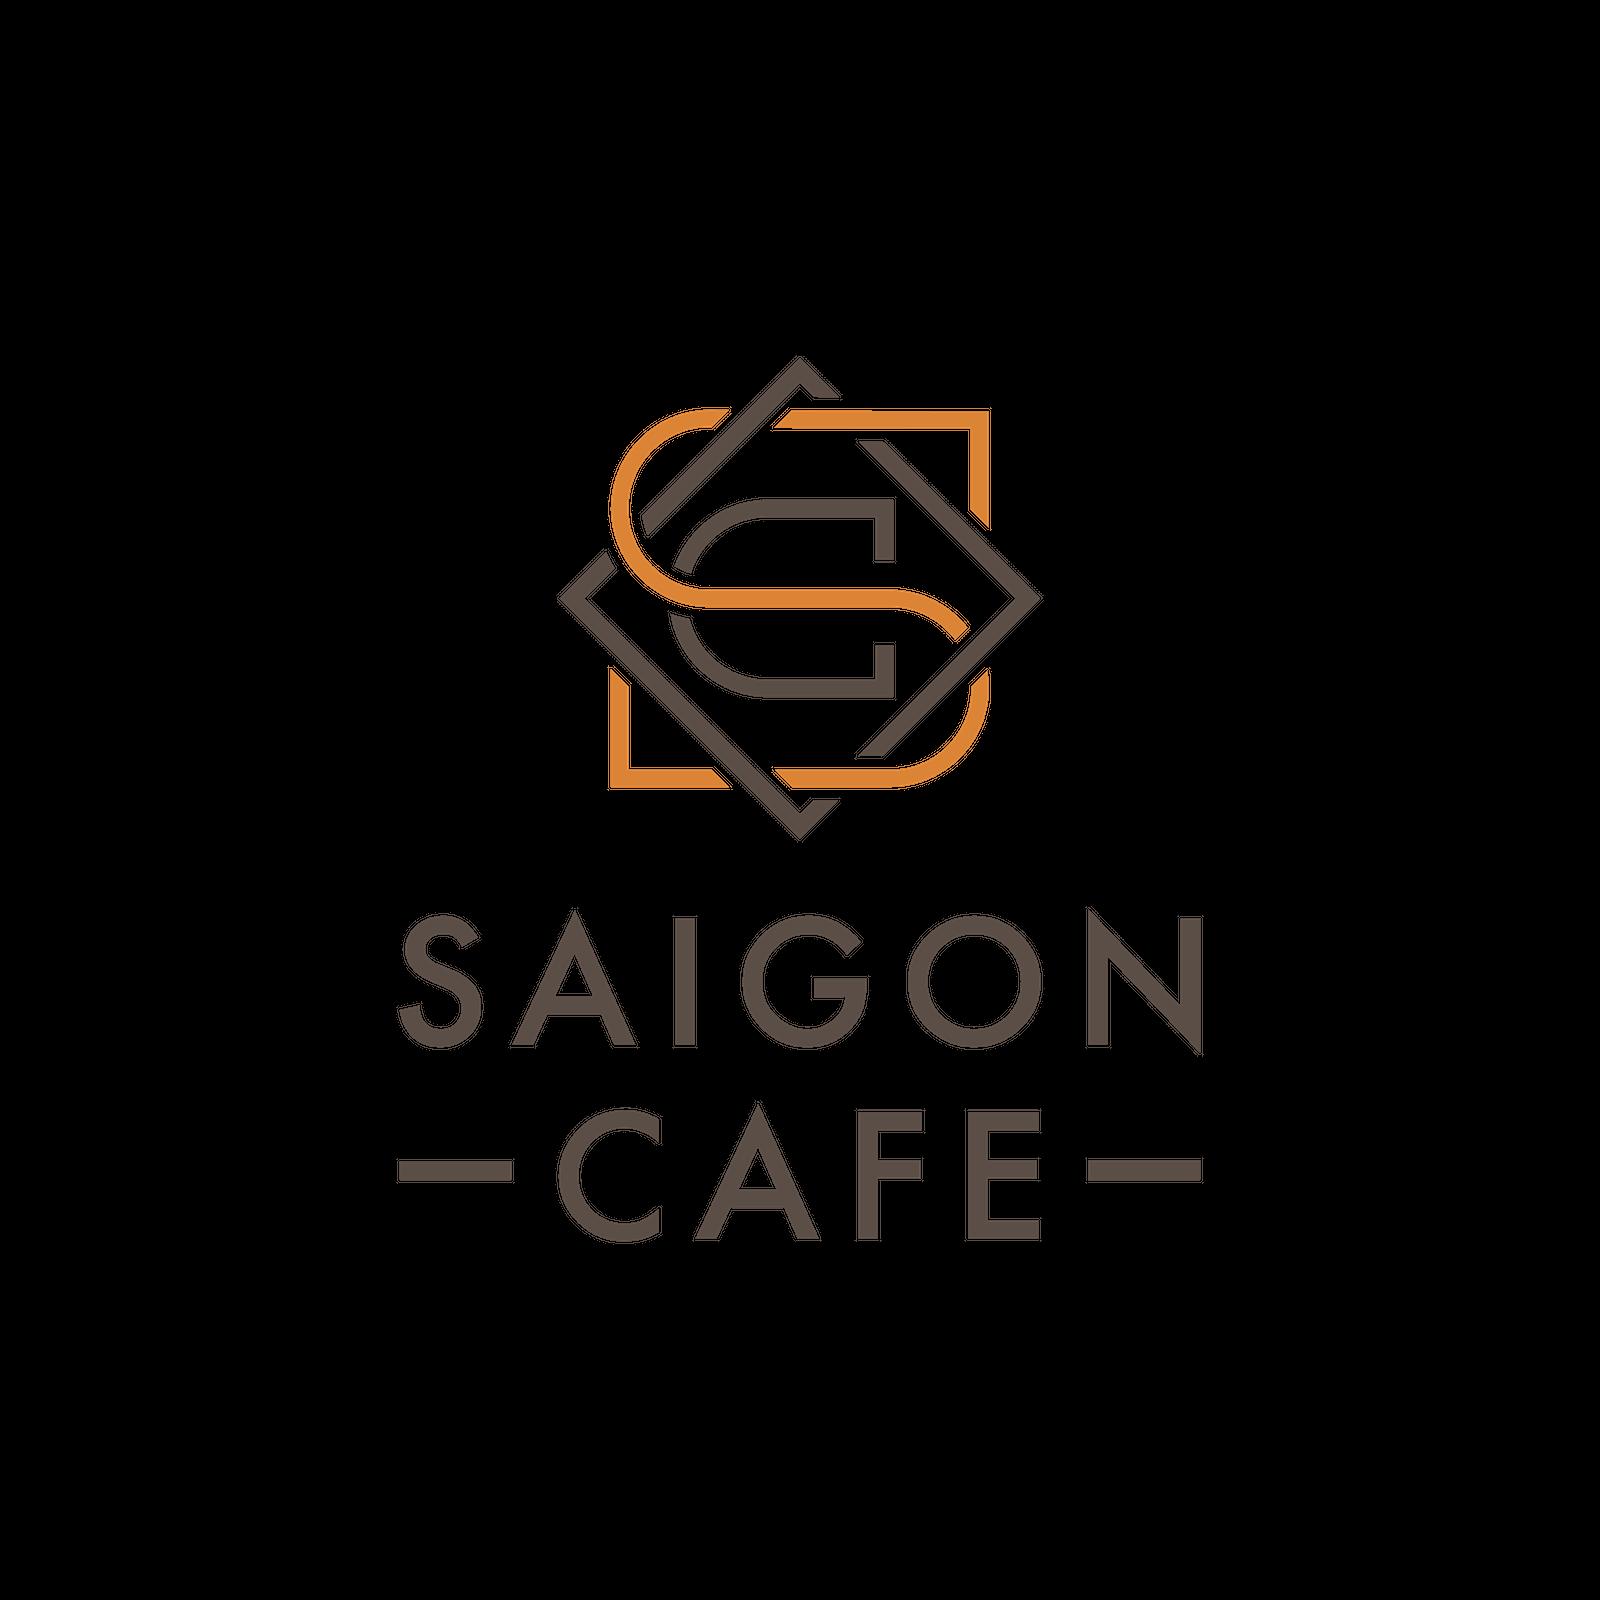 Saigon Cafe restaurant - Saigoneer